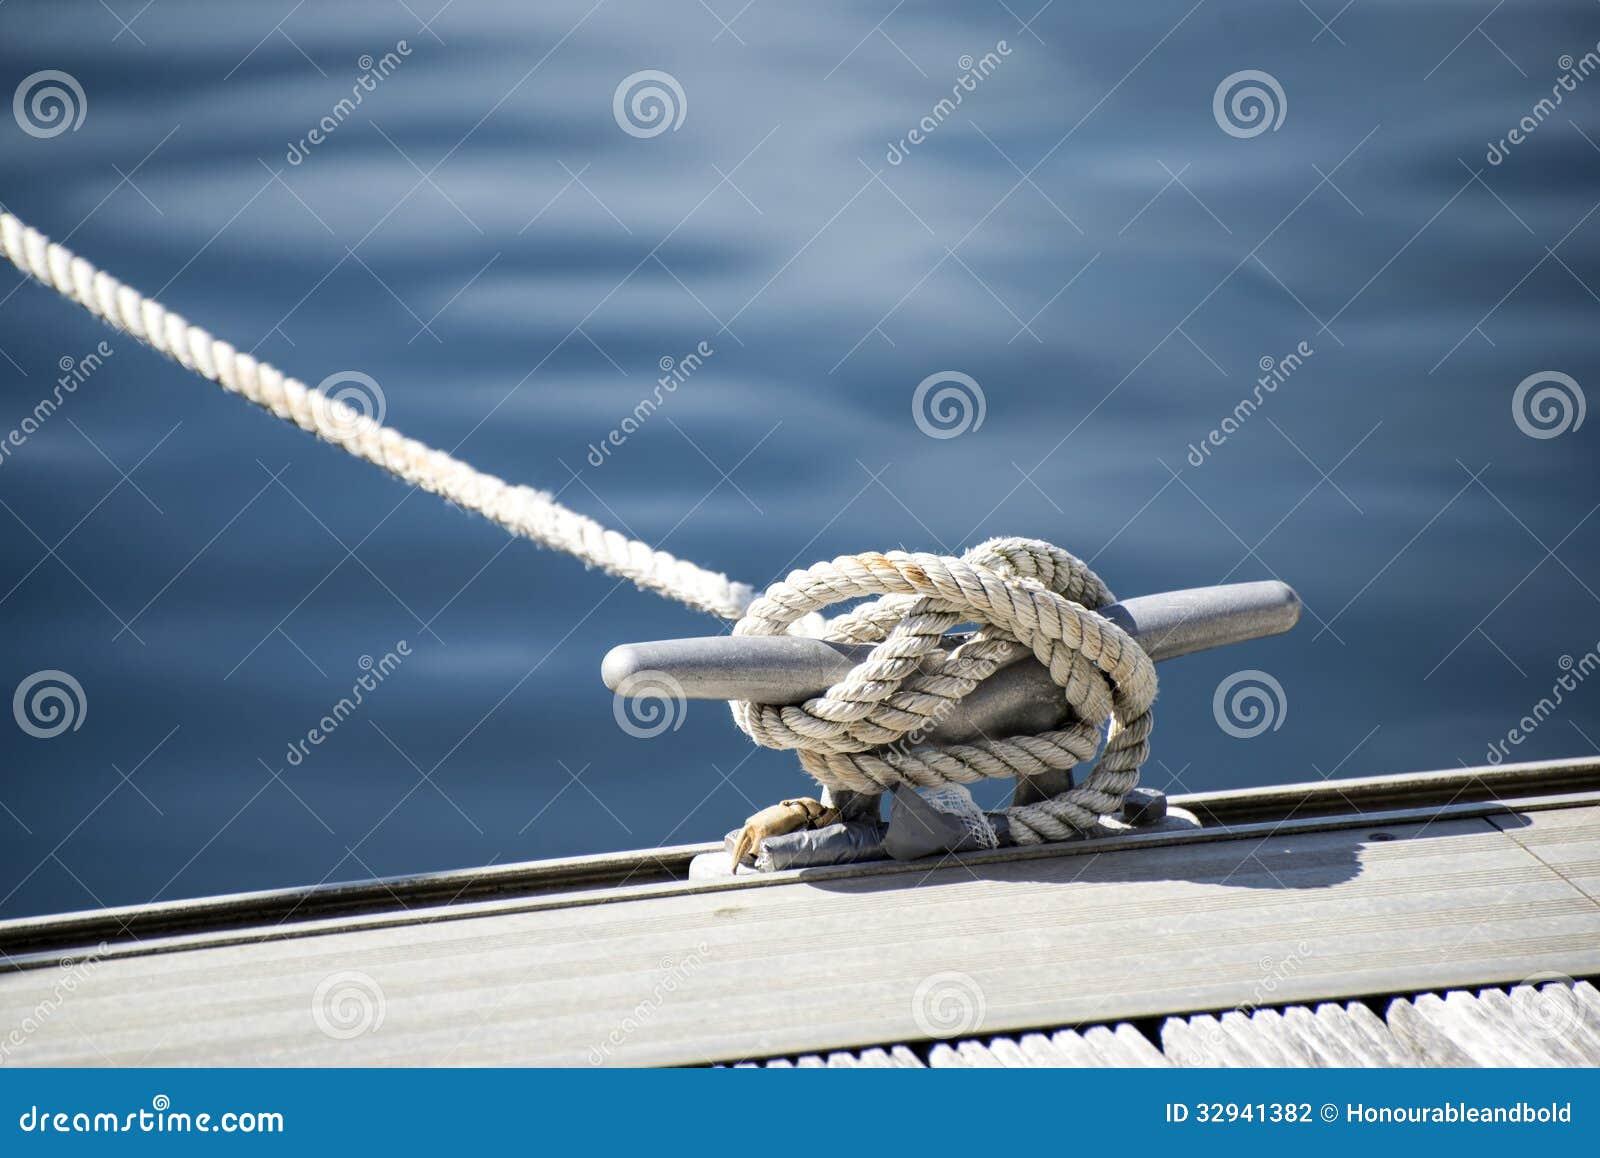 Detalle la imagen del listón de la cuerda del yate en cubierta del velero